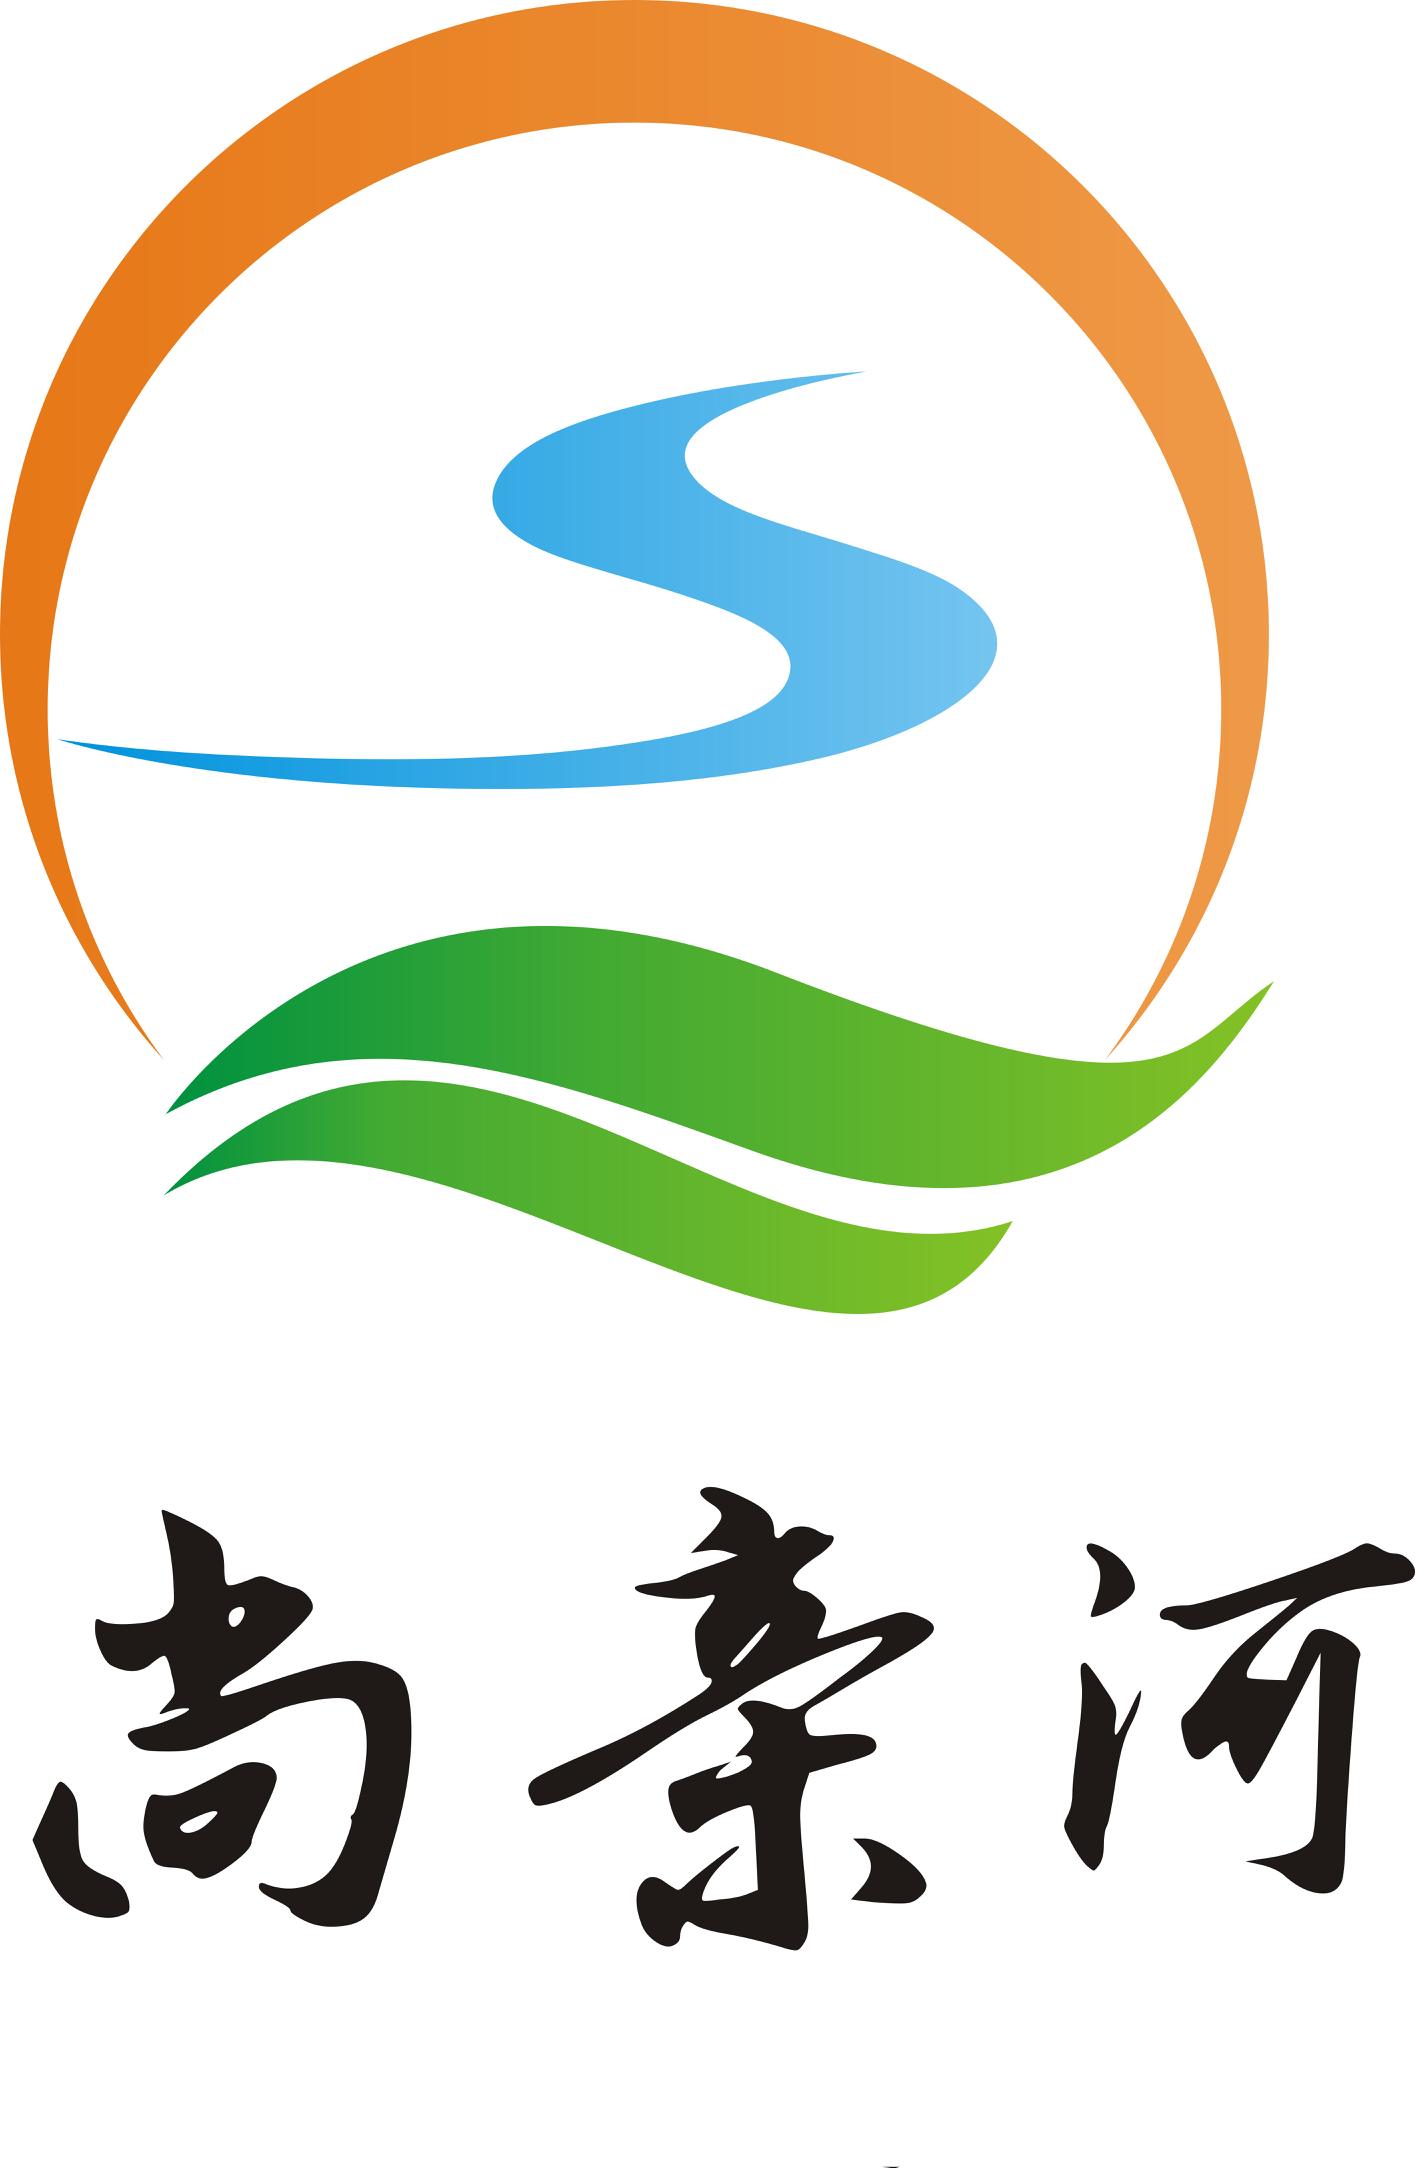 内蒙古尚阳农林牧科技发展有限公司